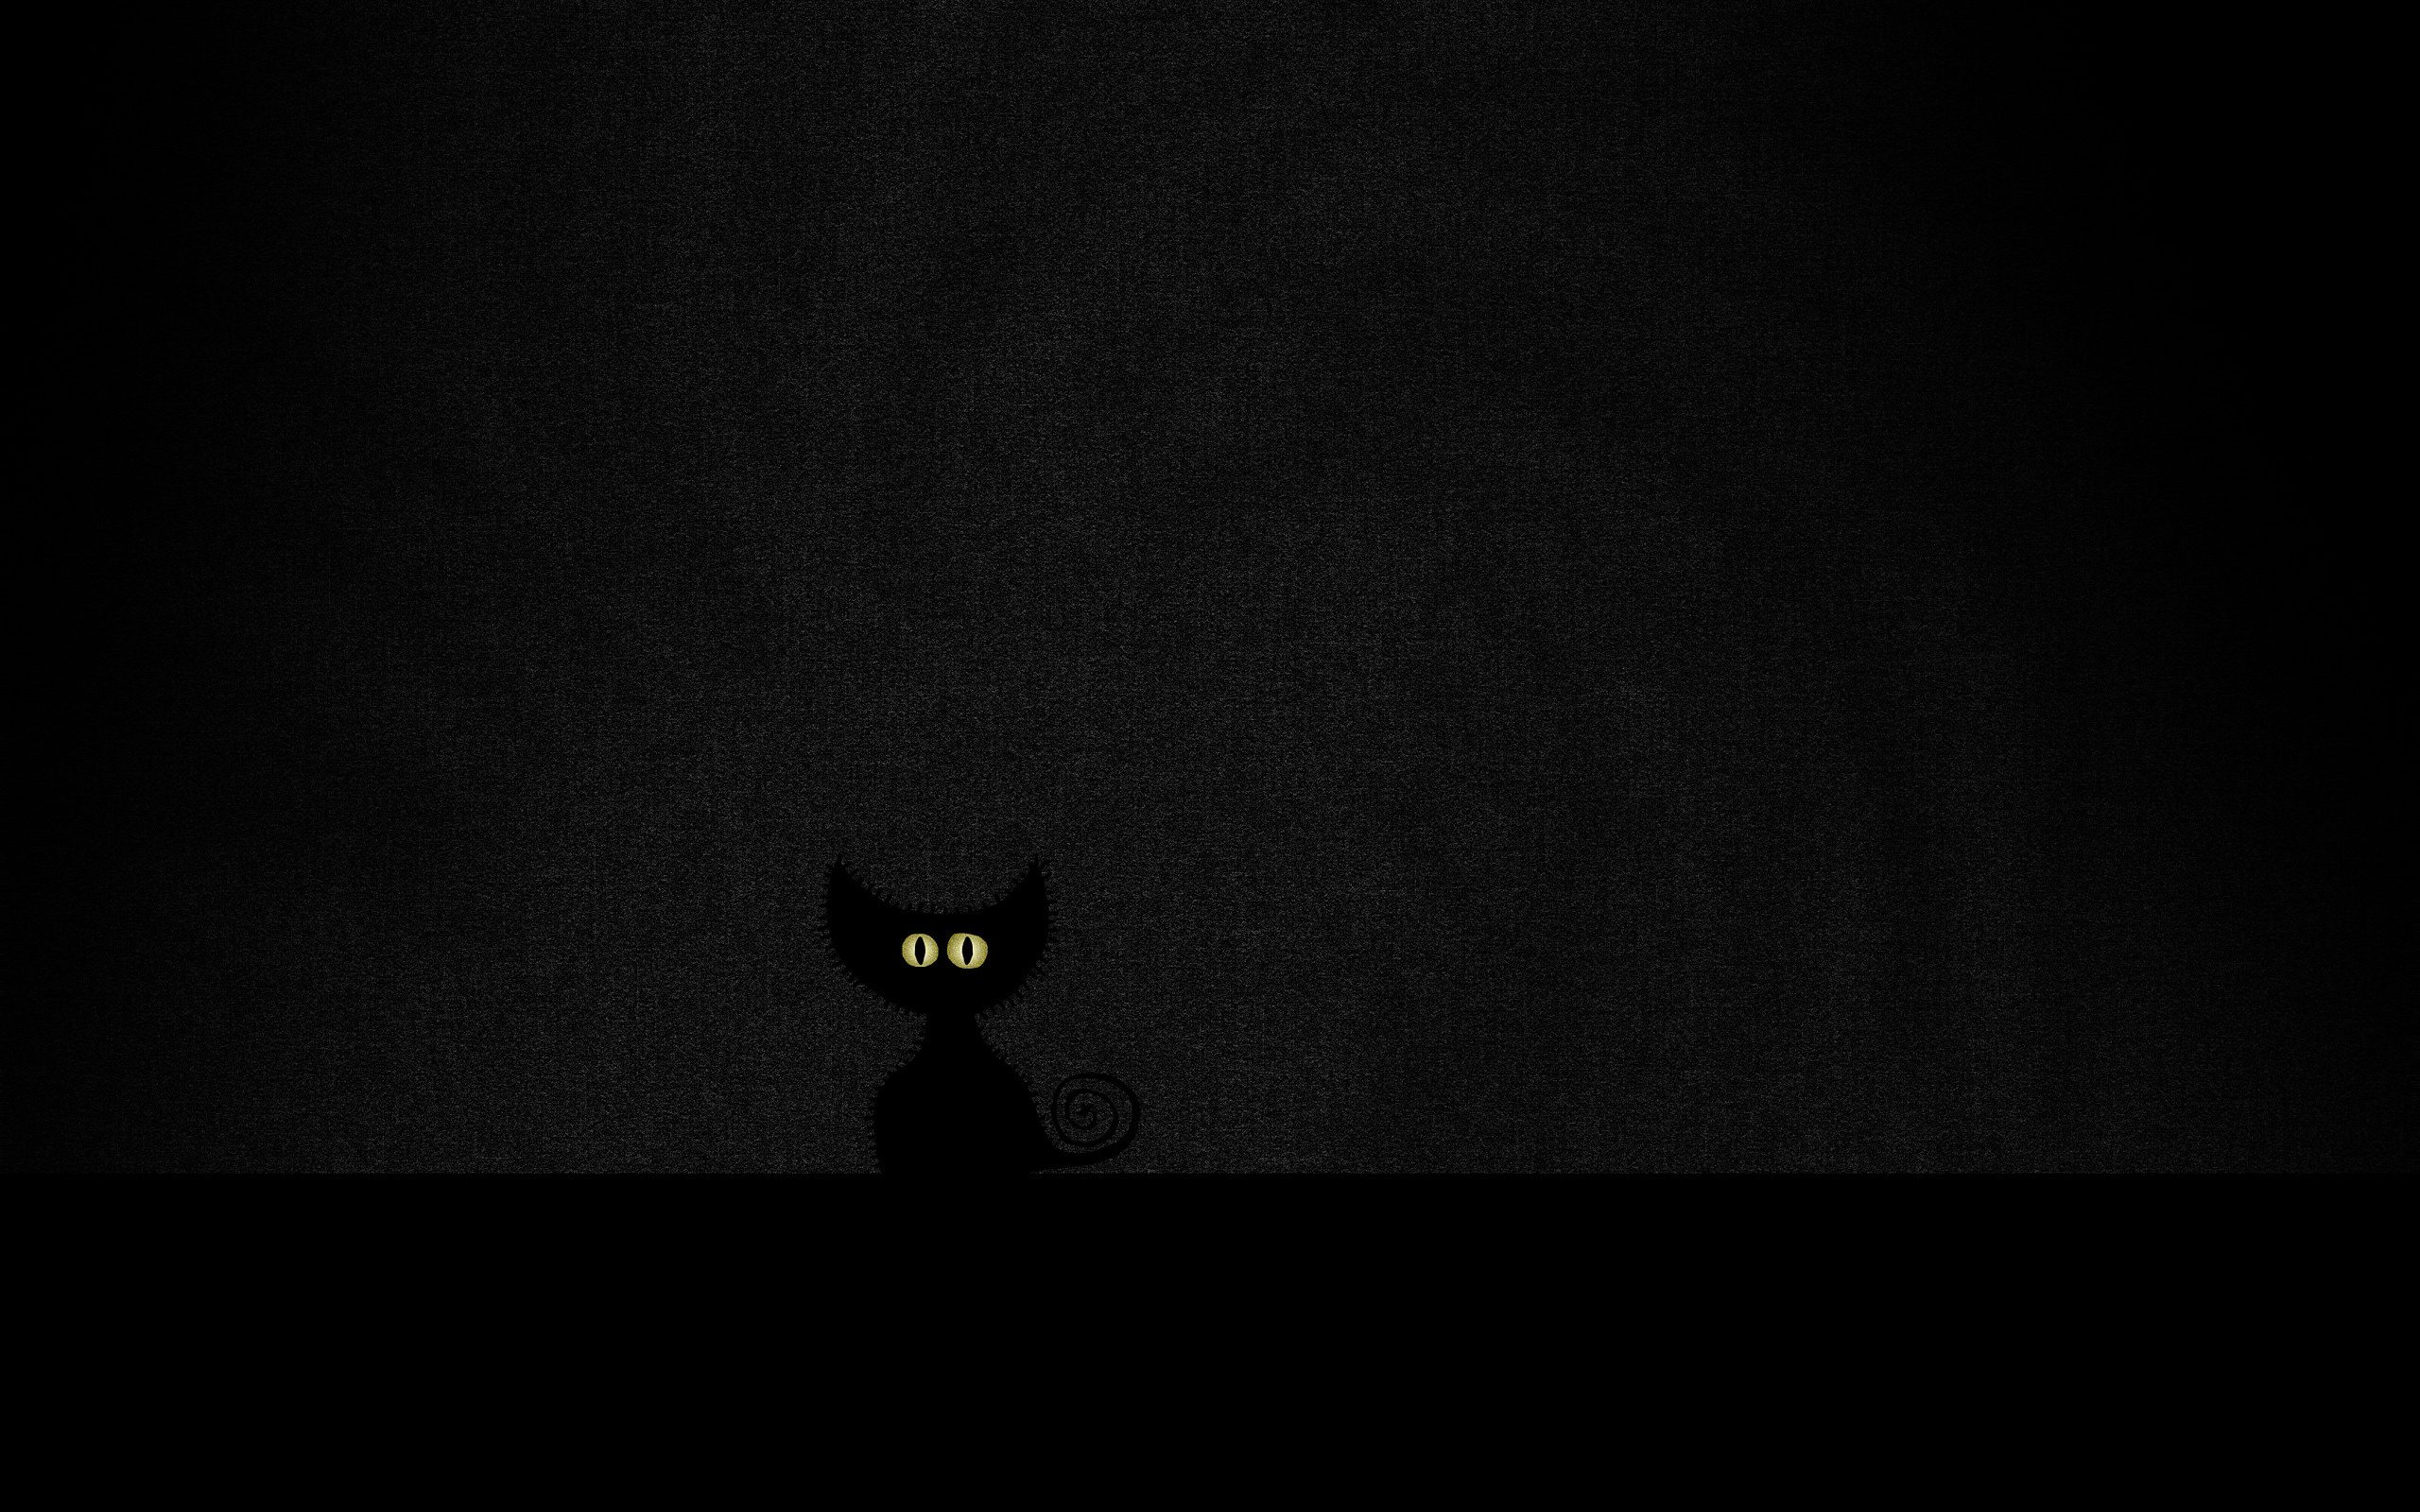 Картинки силуэт кошки желтые глаза